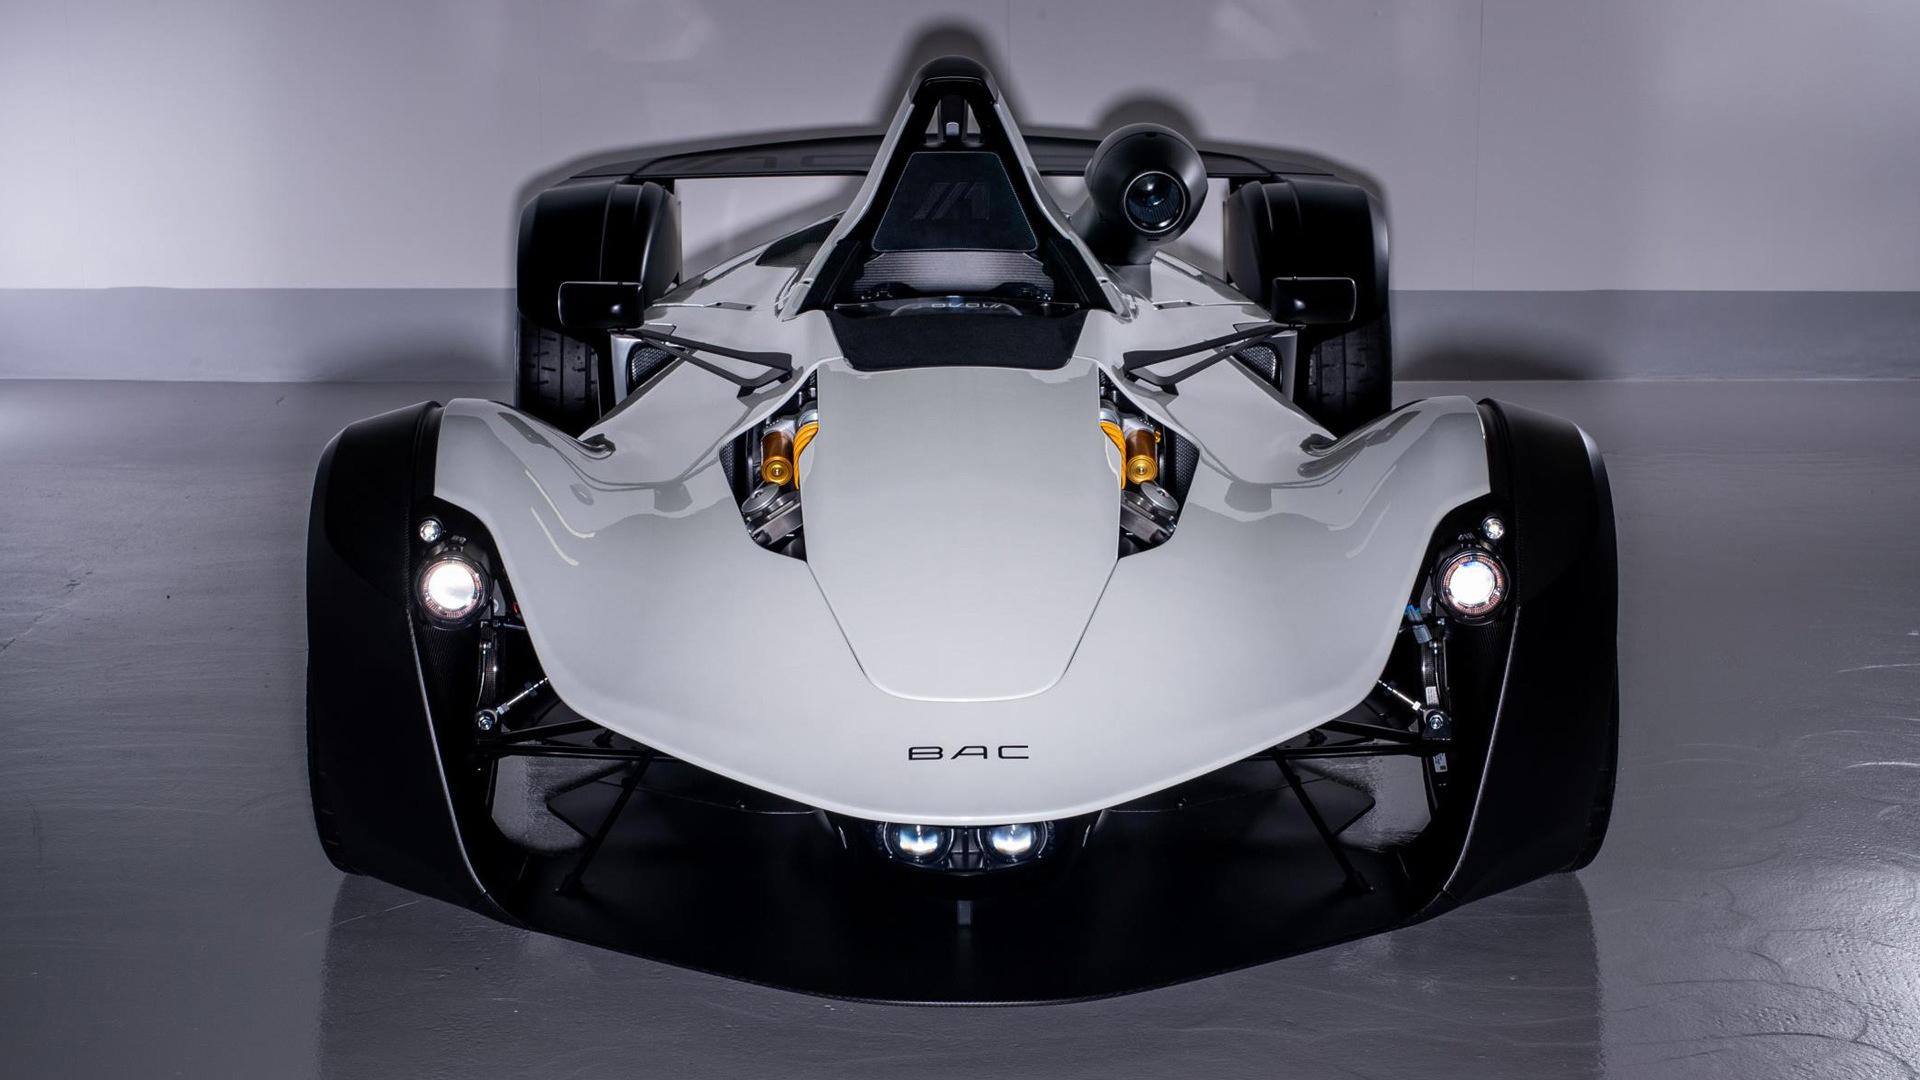 2020 BAC Mono R